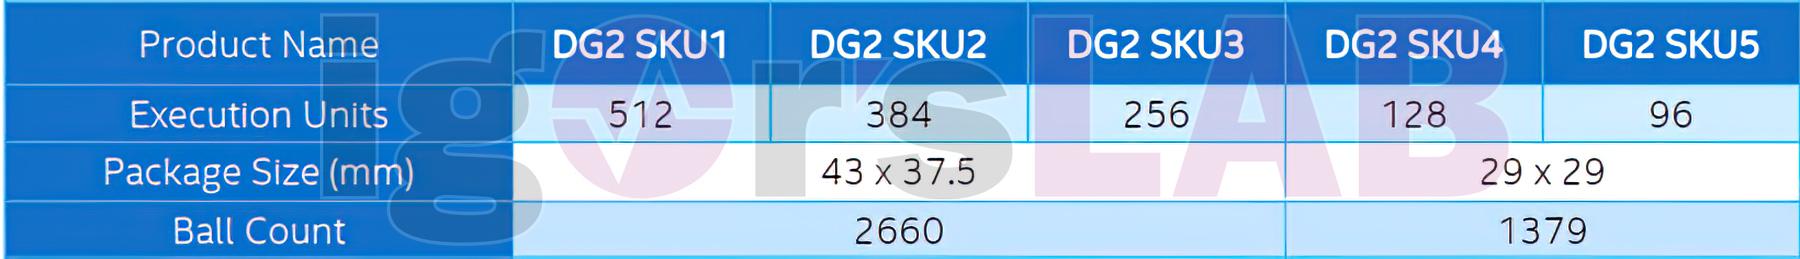 Intel выпустит пять моделей видеокарт DG2 на базе Xe-HPG  от начального до флагманского уровня